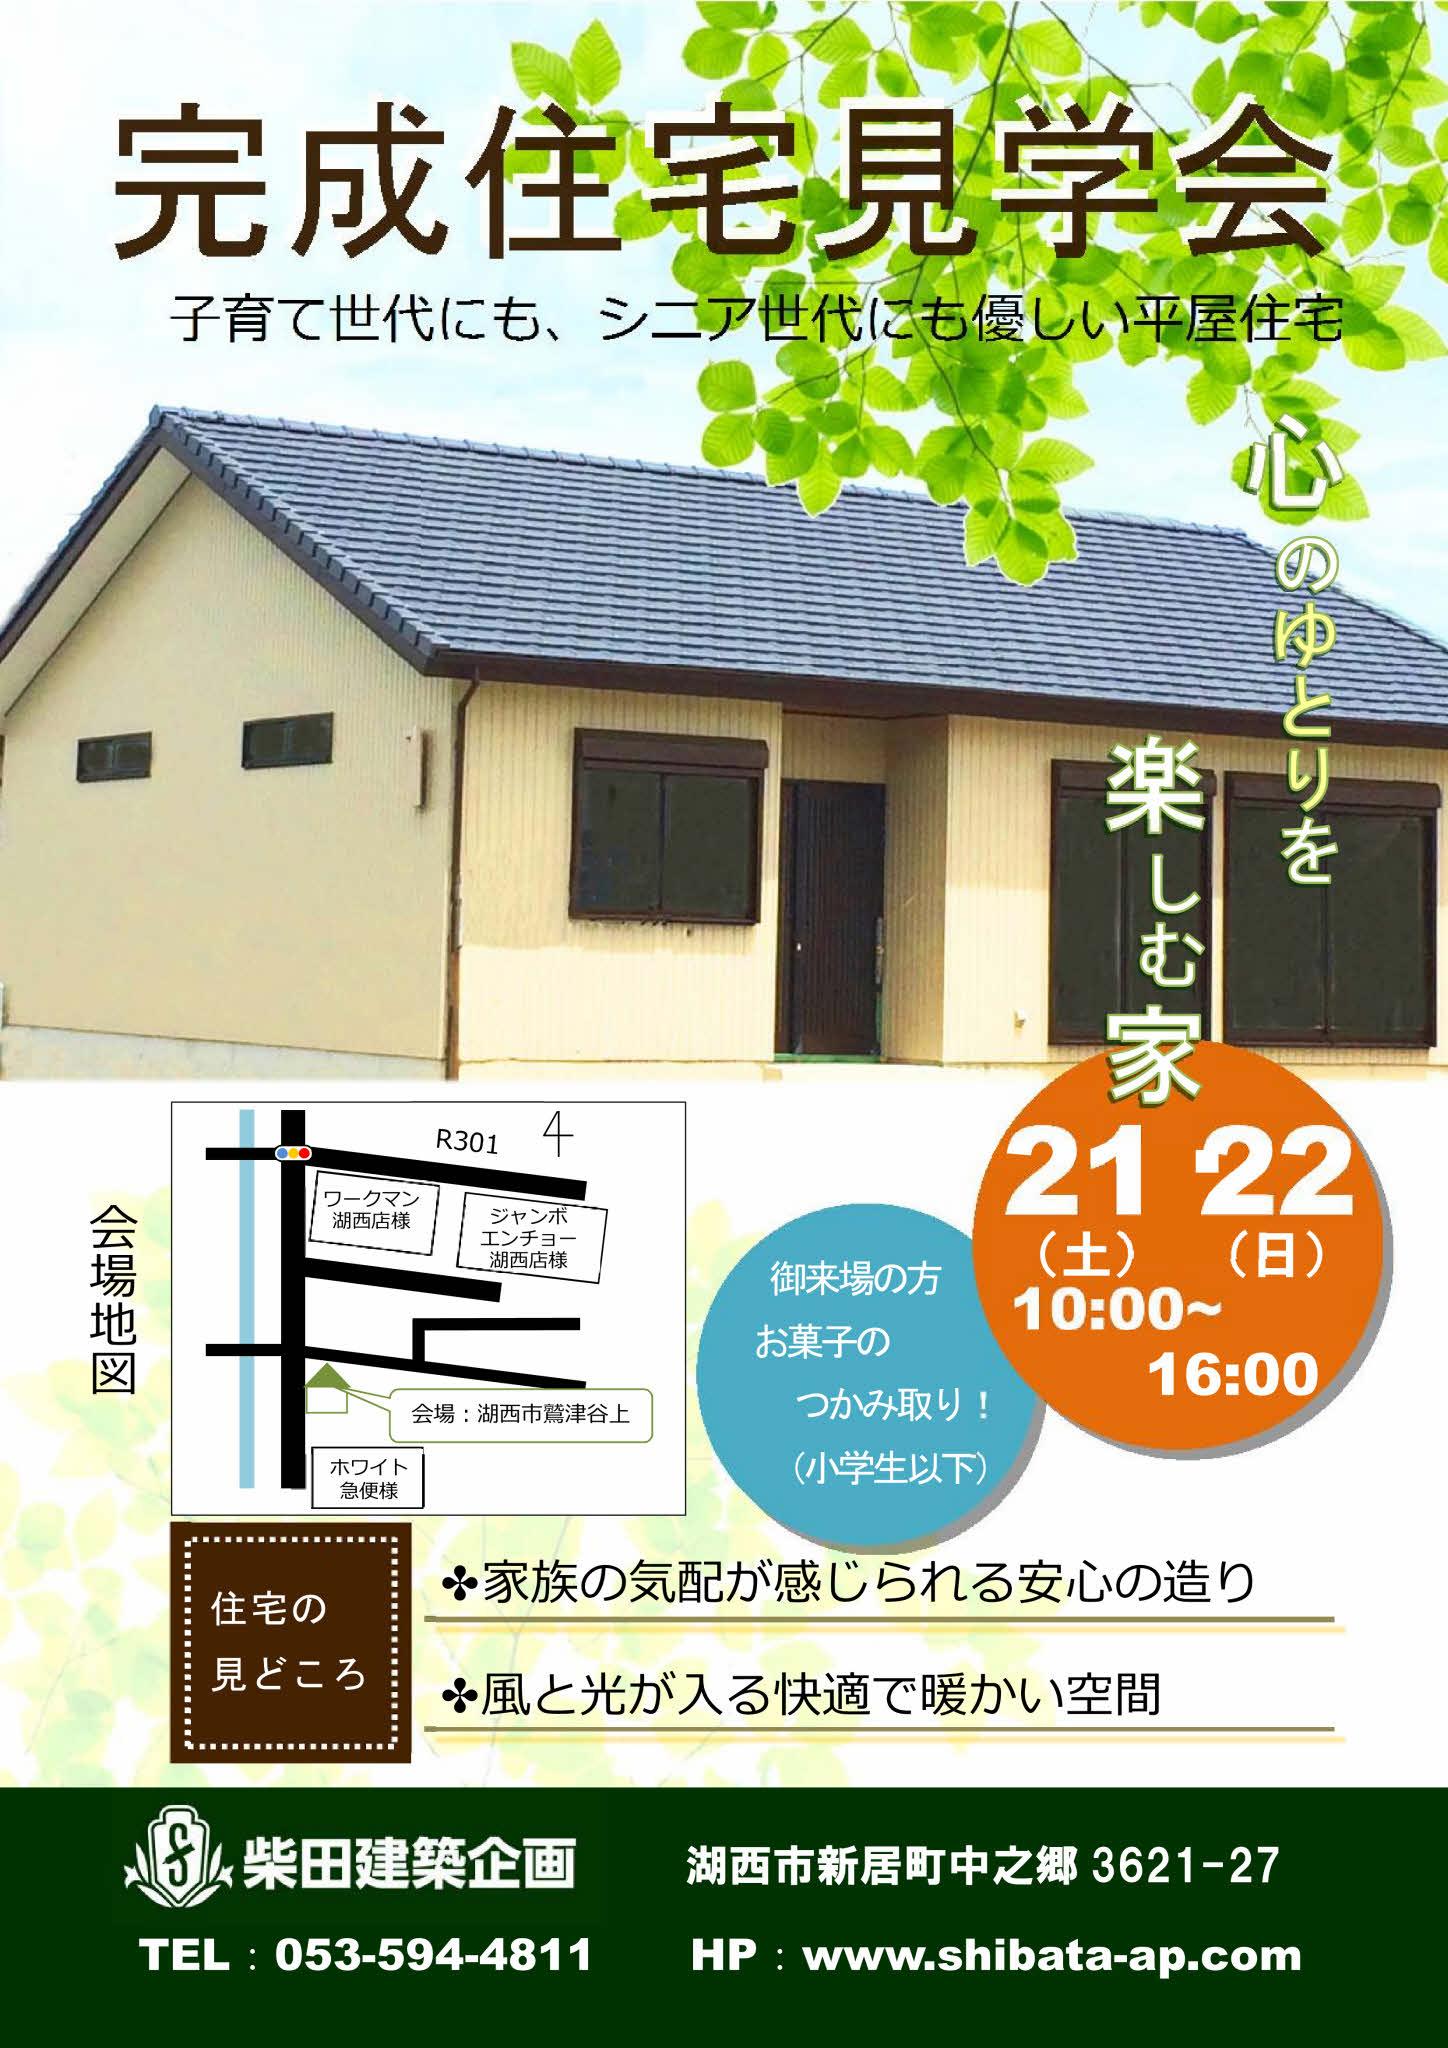 5/21(土)・22(日)完成住宅見学会 開催いたします。